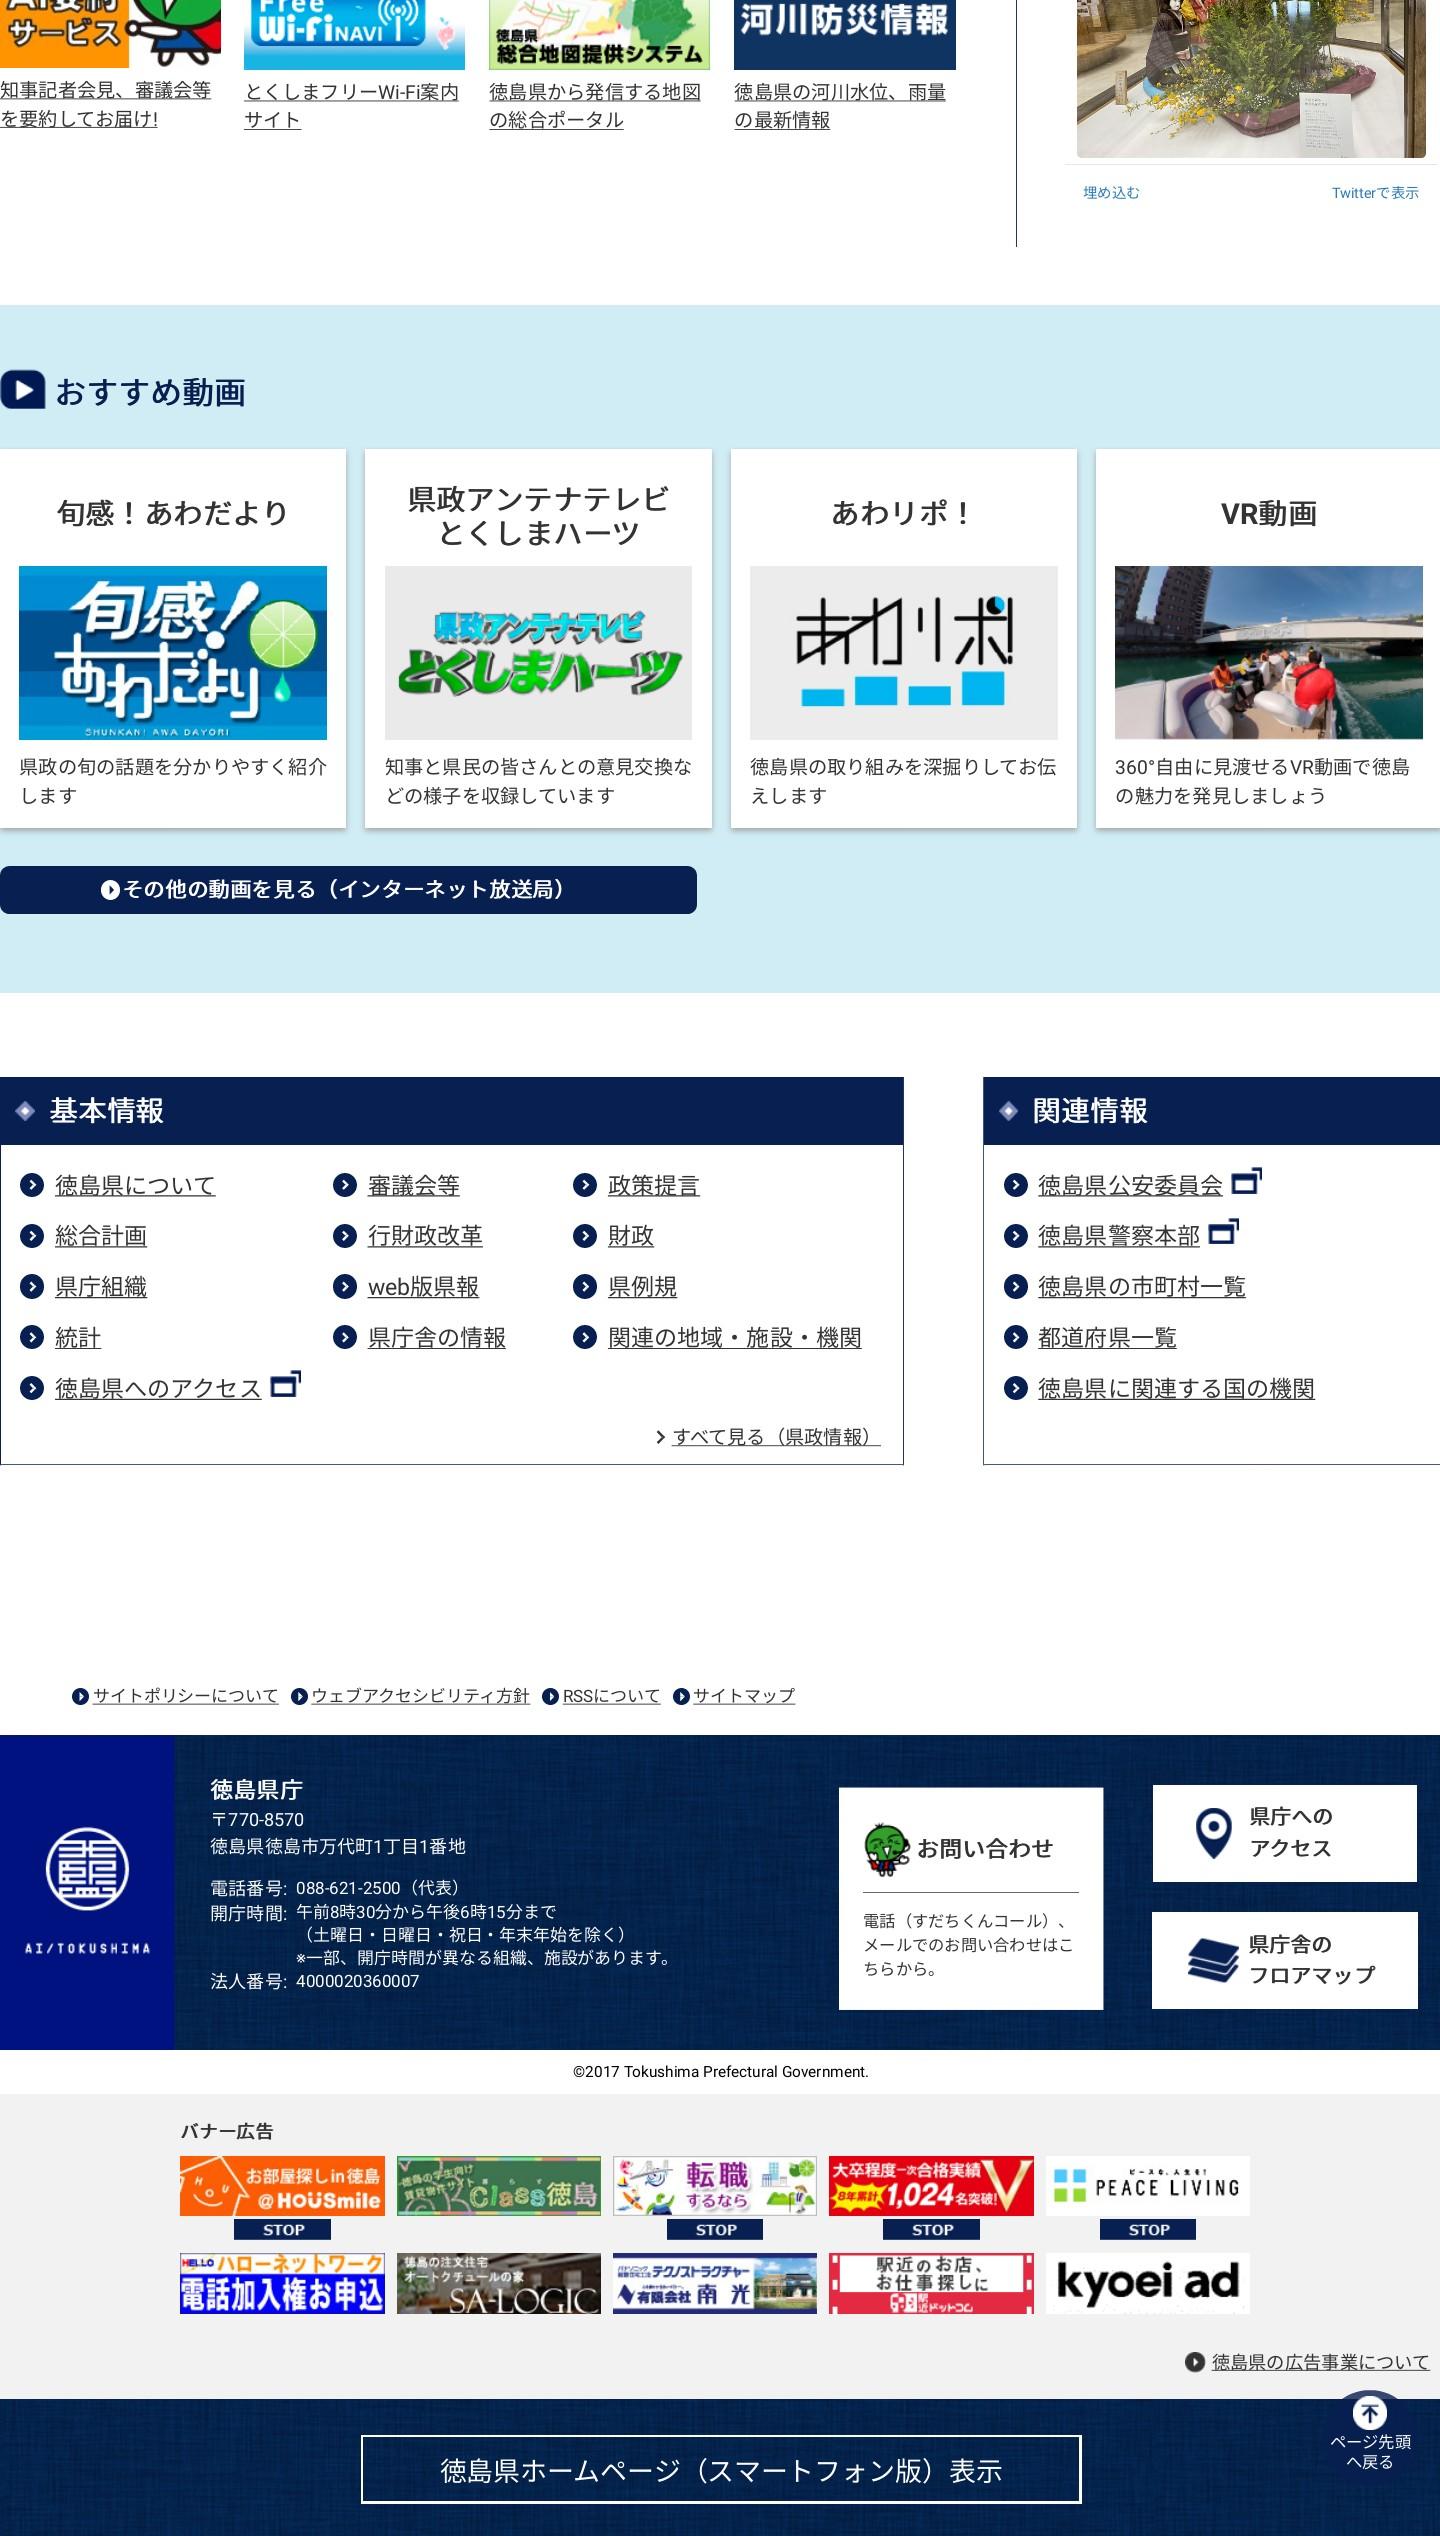 L0oTkZr - 【悲報】香川県さん、ゲーム規制条例で自演してた事がバレてしまい証拠隠滅し始める